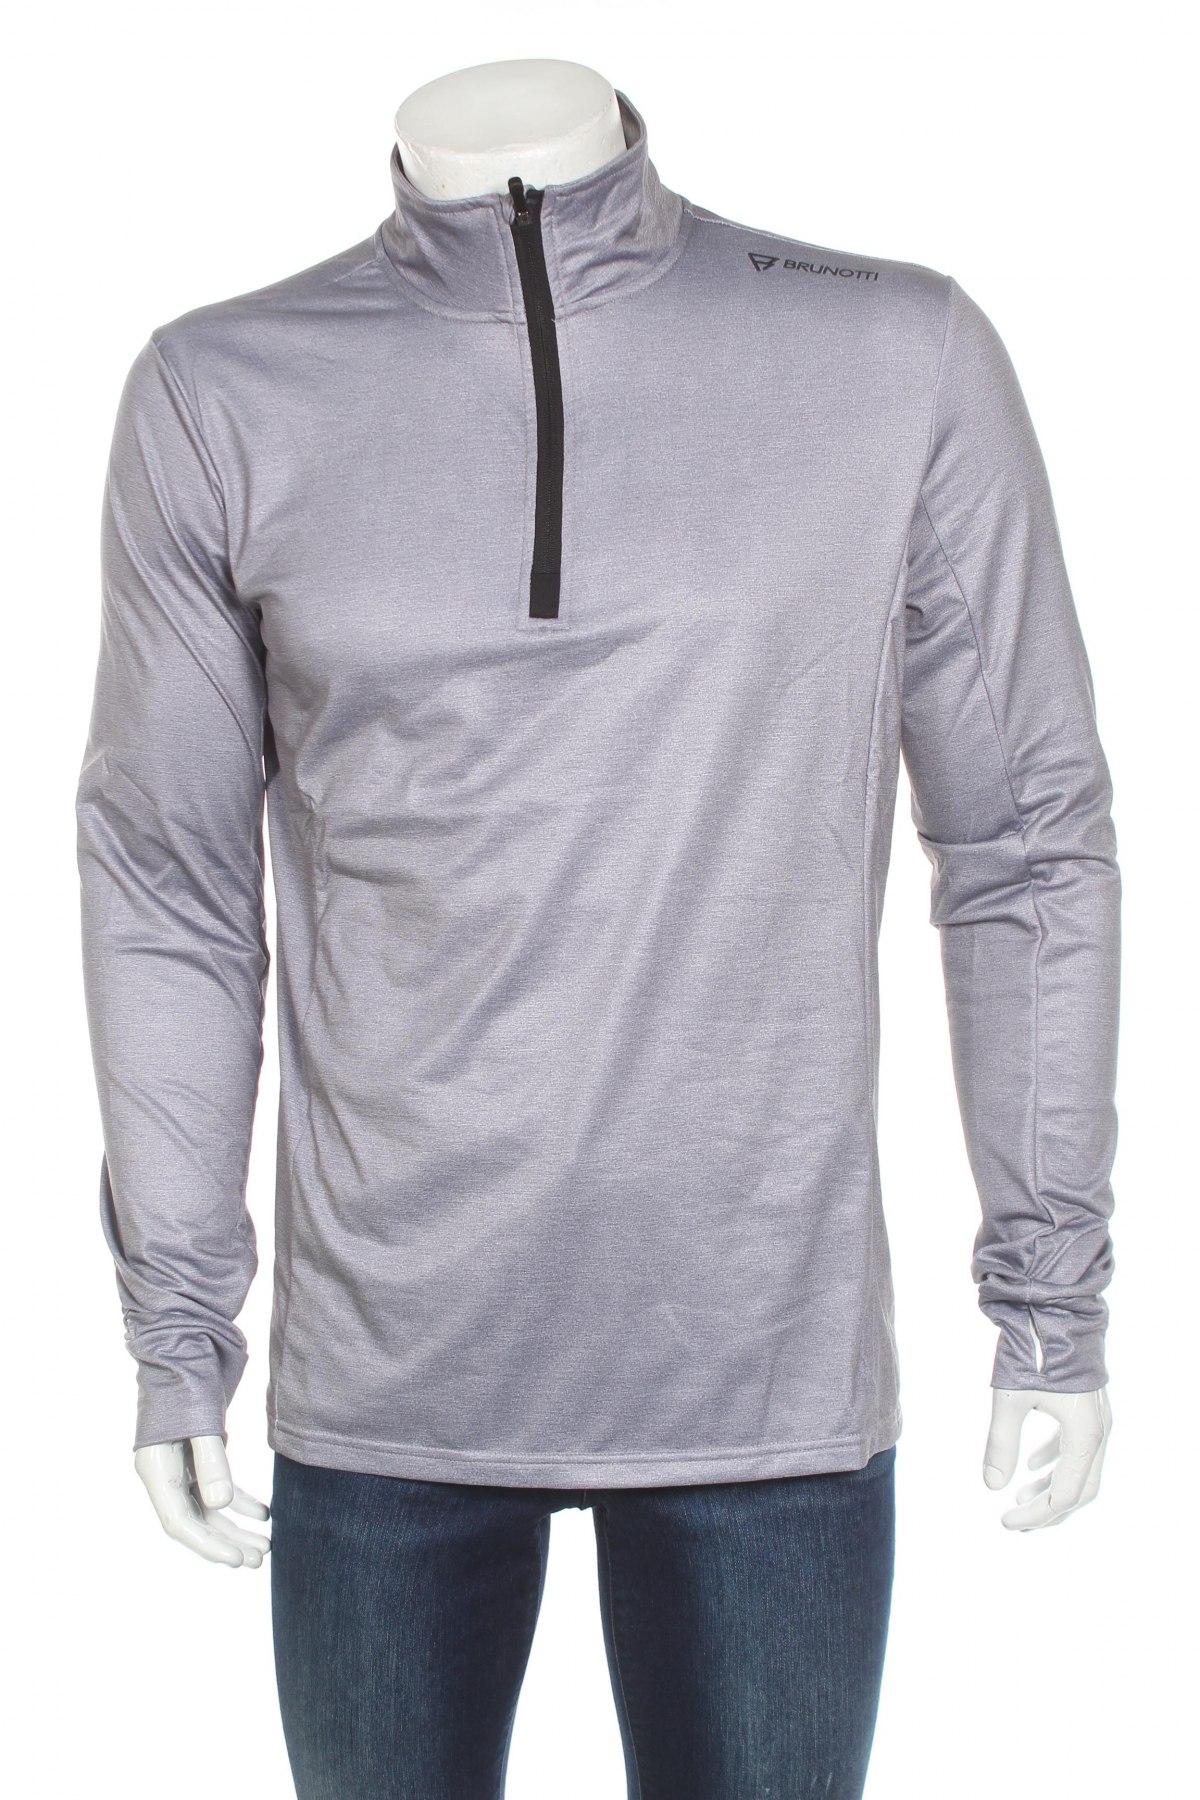 Мъжка спортна блуза Brunotti, Размер XL, Цвят Сив, 92% полиестер, 8% еластан, Цена 44,25лв.